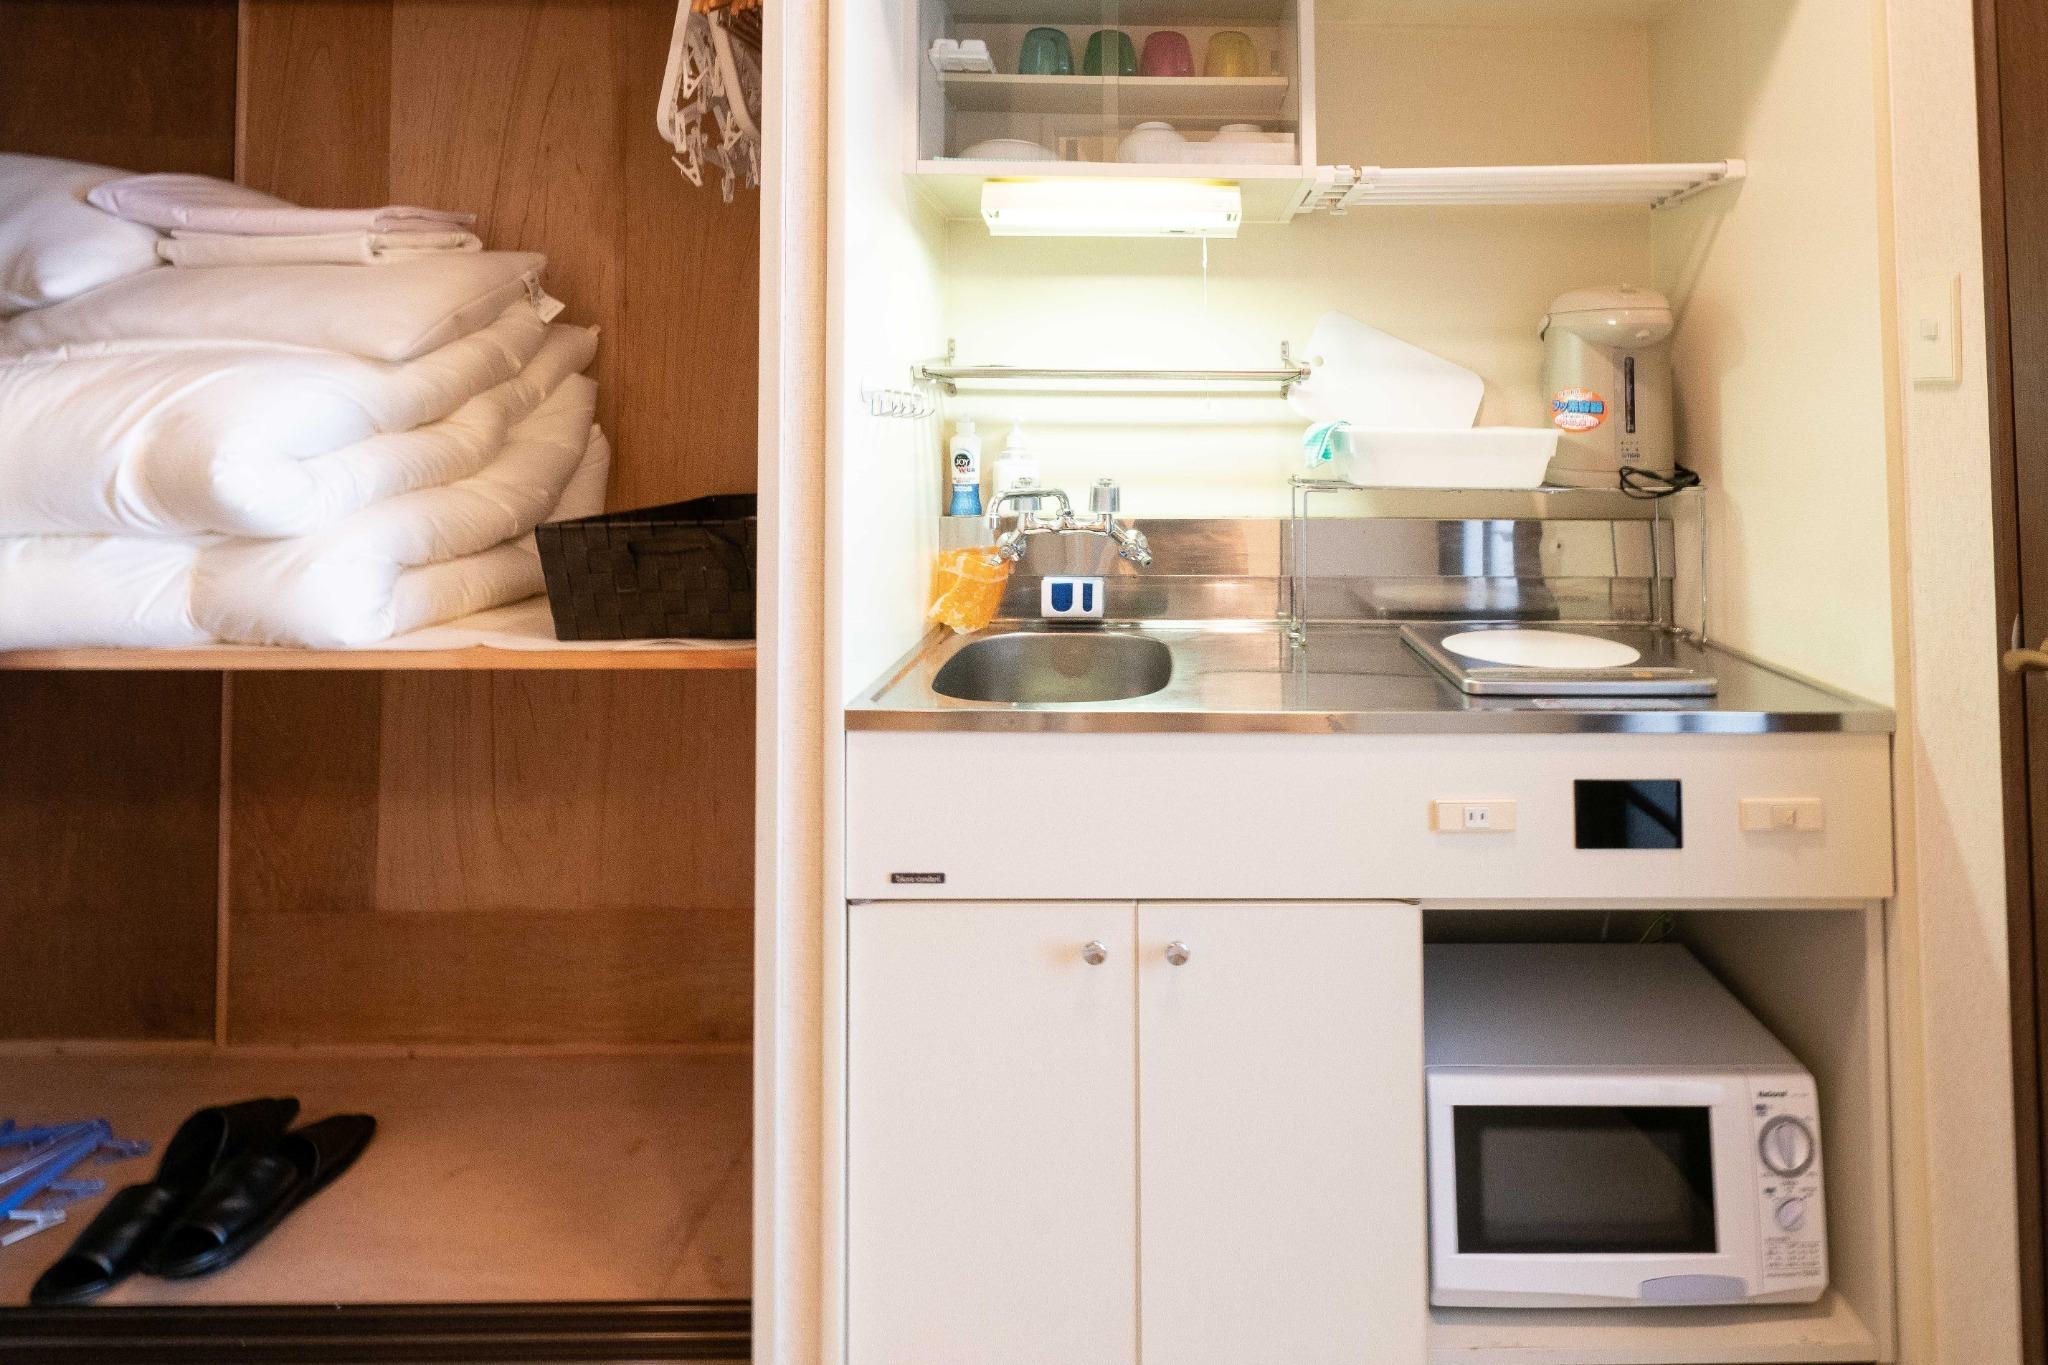 【ワーケーション応援】温泉有・Wi-Fi完備・リゾートマンションでごゆっくり【411号室・4名】